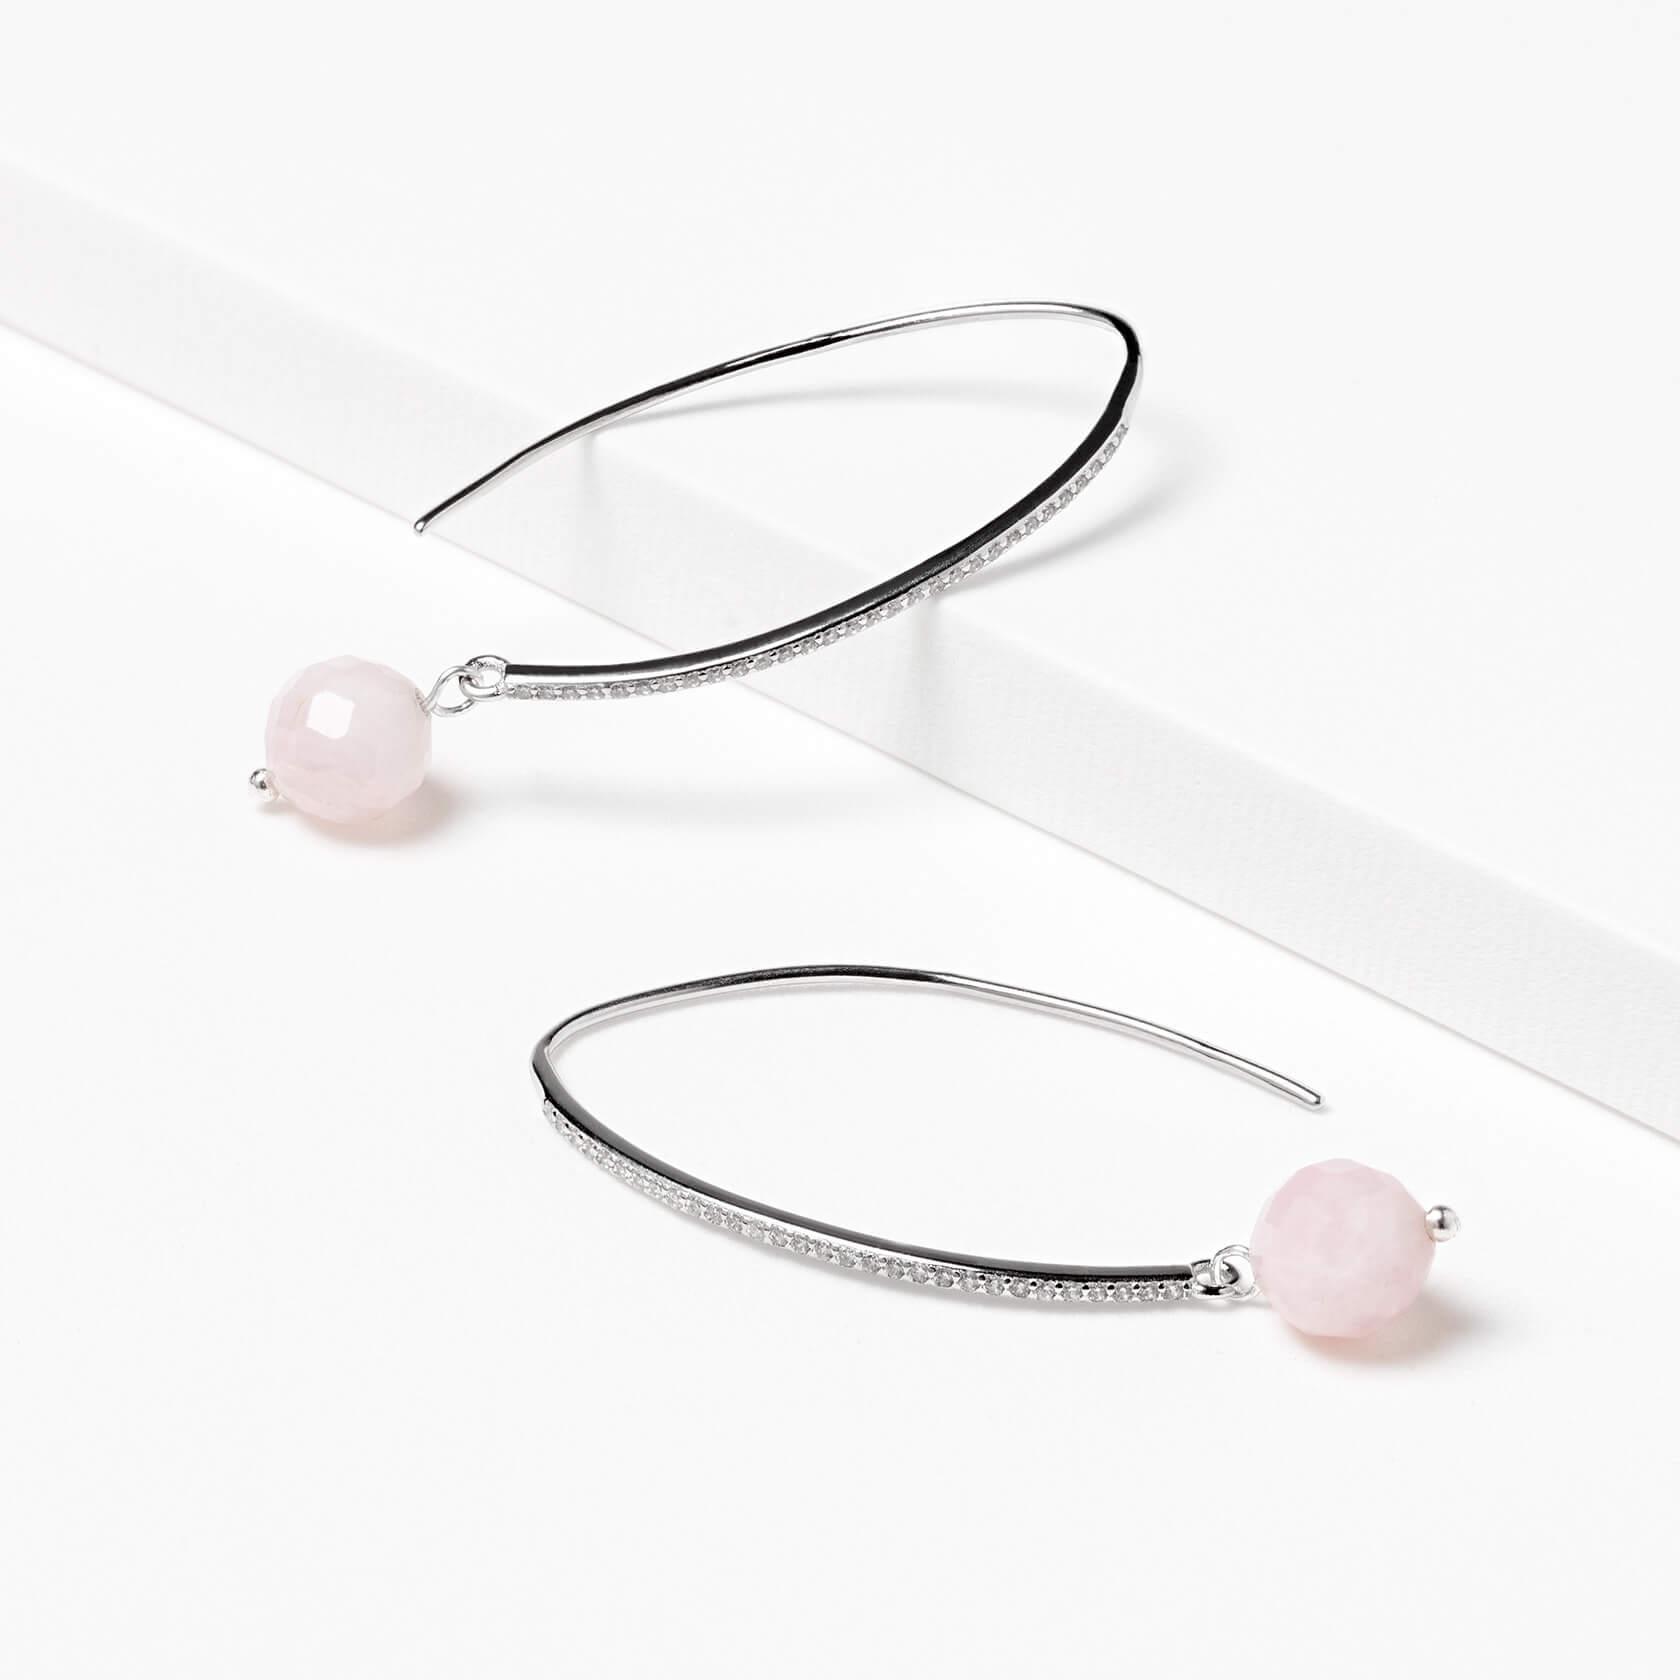 Morganite earrings marybola